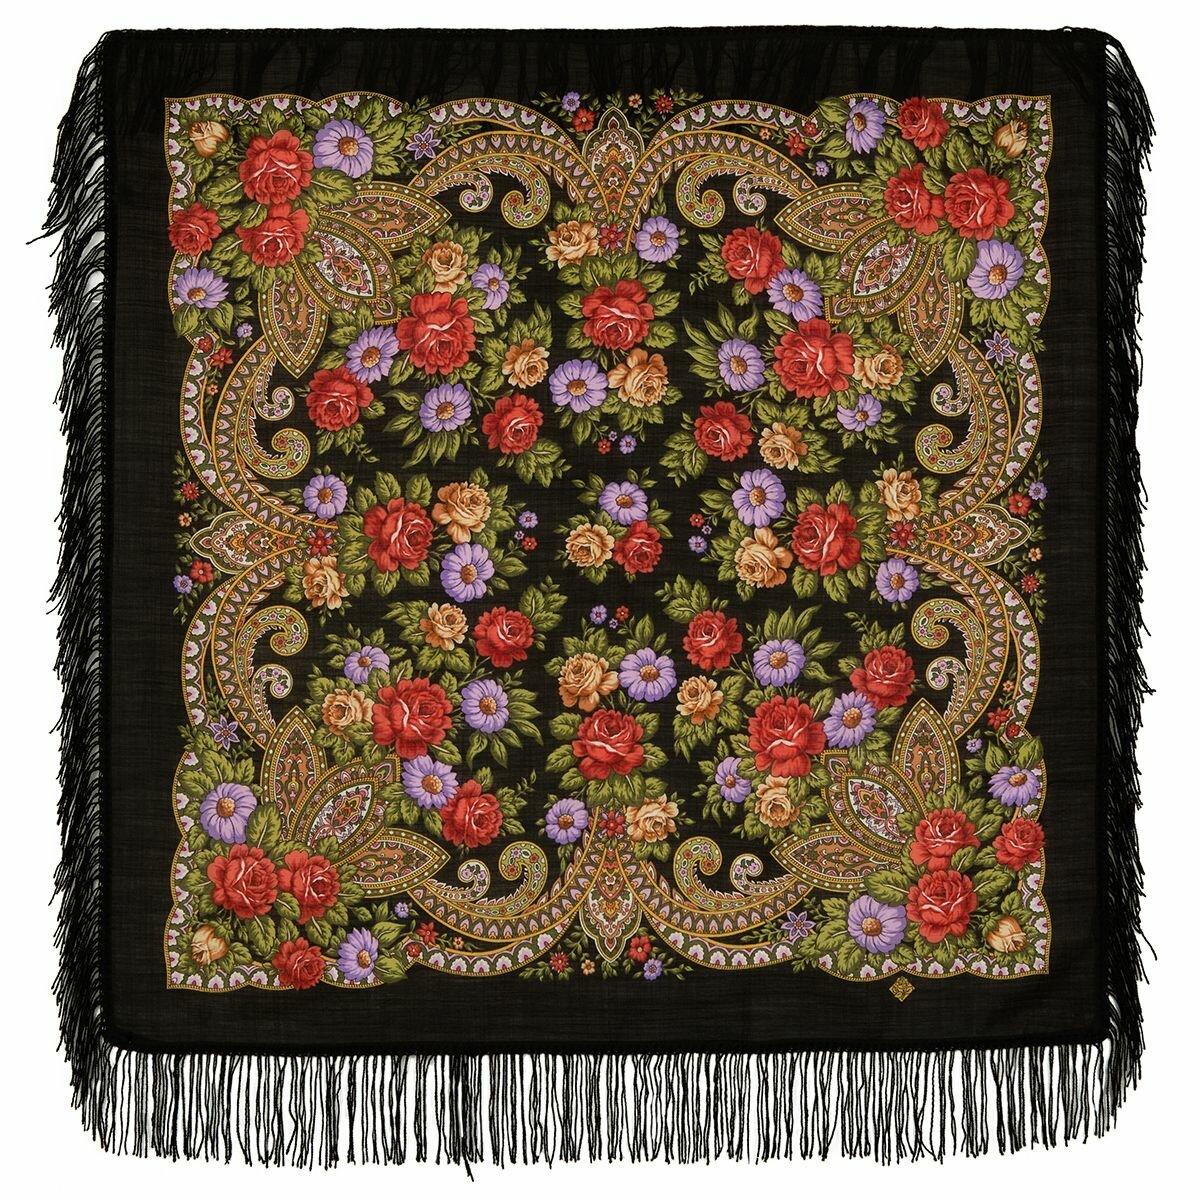 достопримечательности фото павлопосадские шали и платки цыпочка